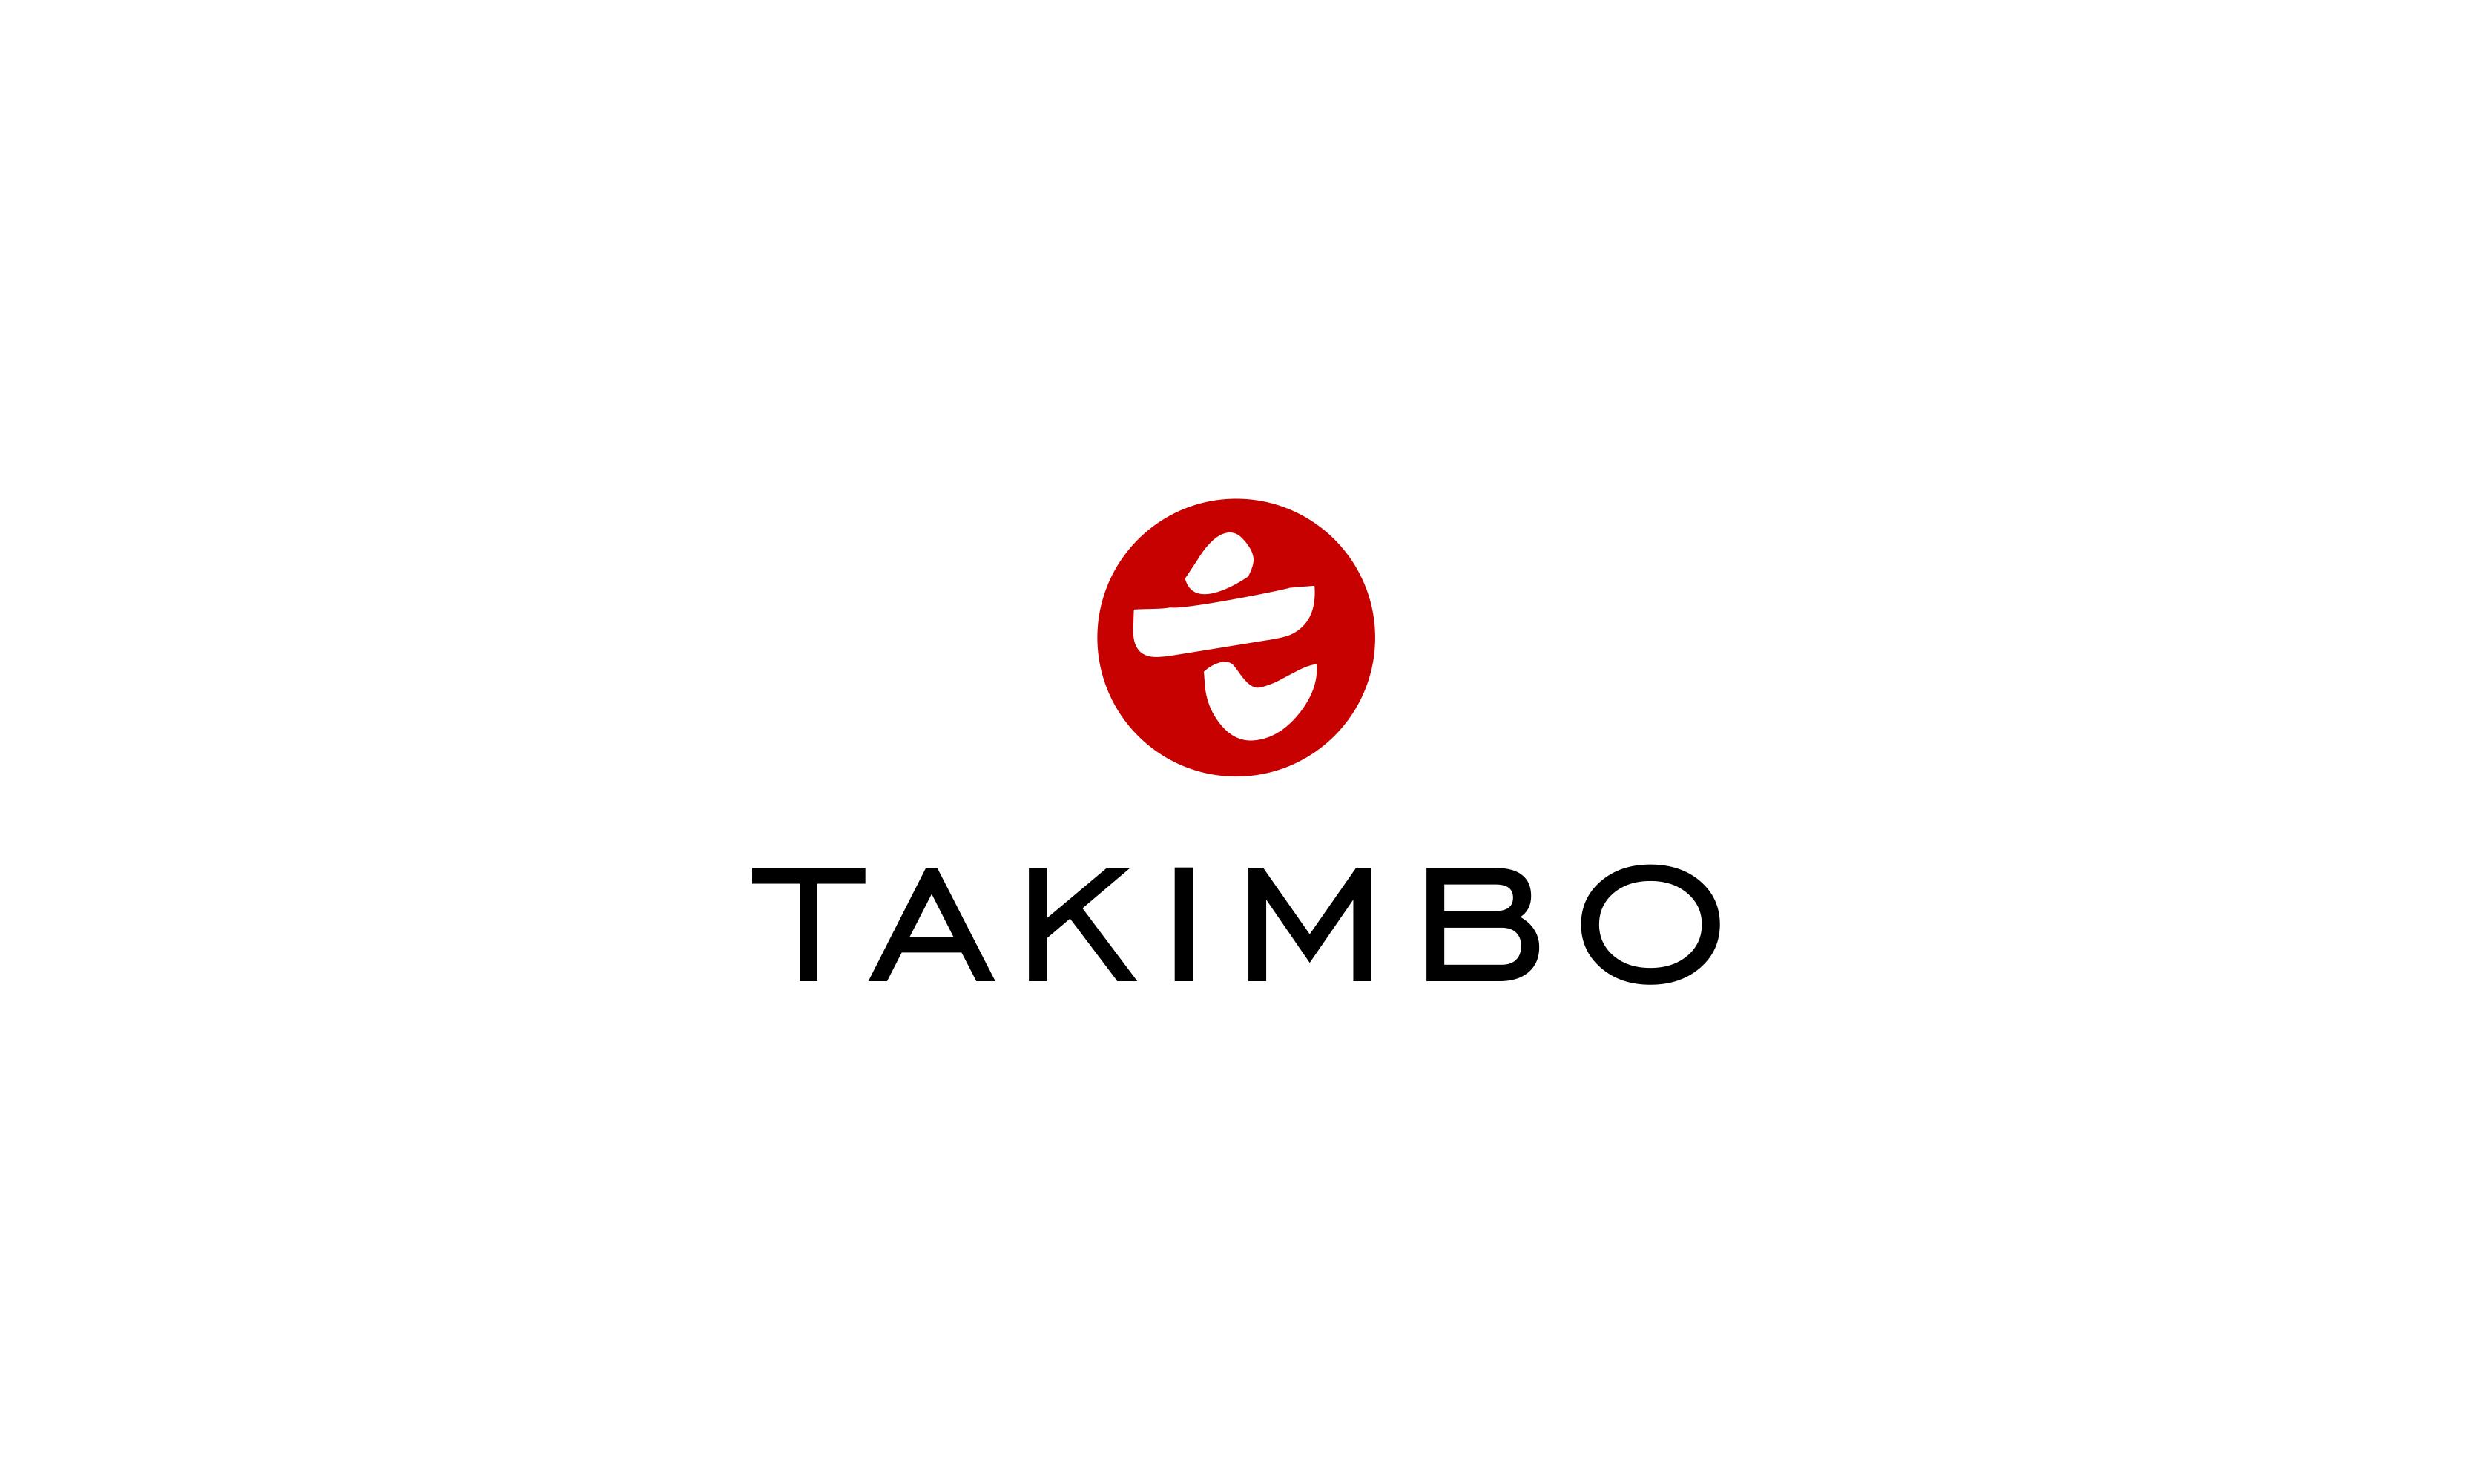 Takimbo